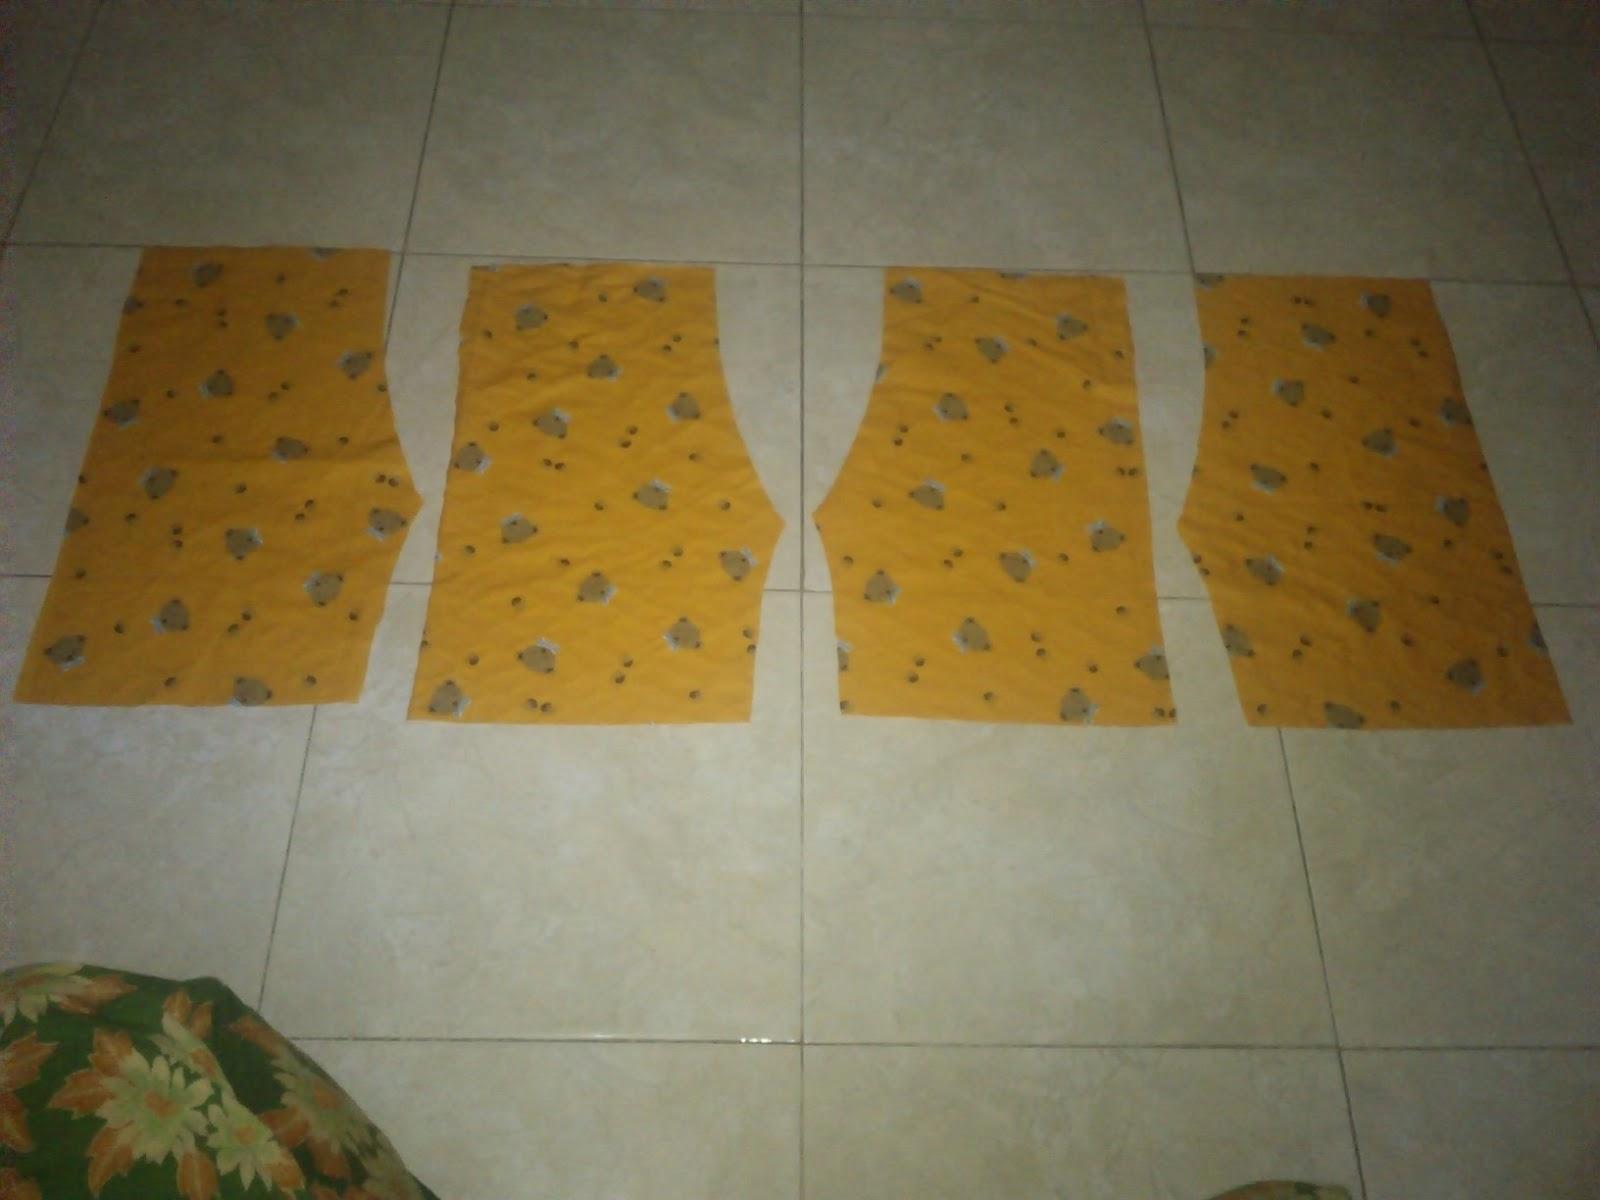 empat potongan kain yang akan disatukan